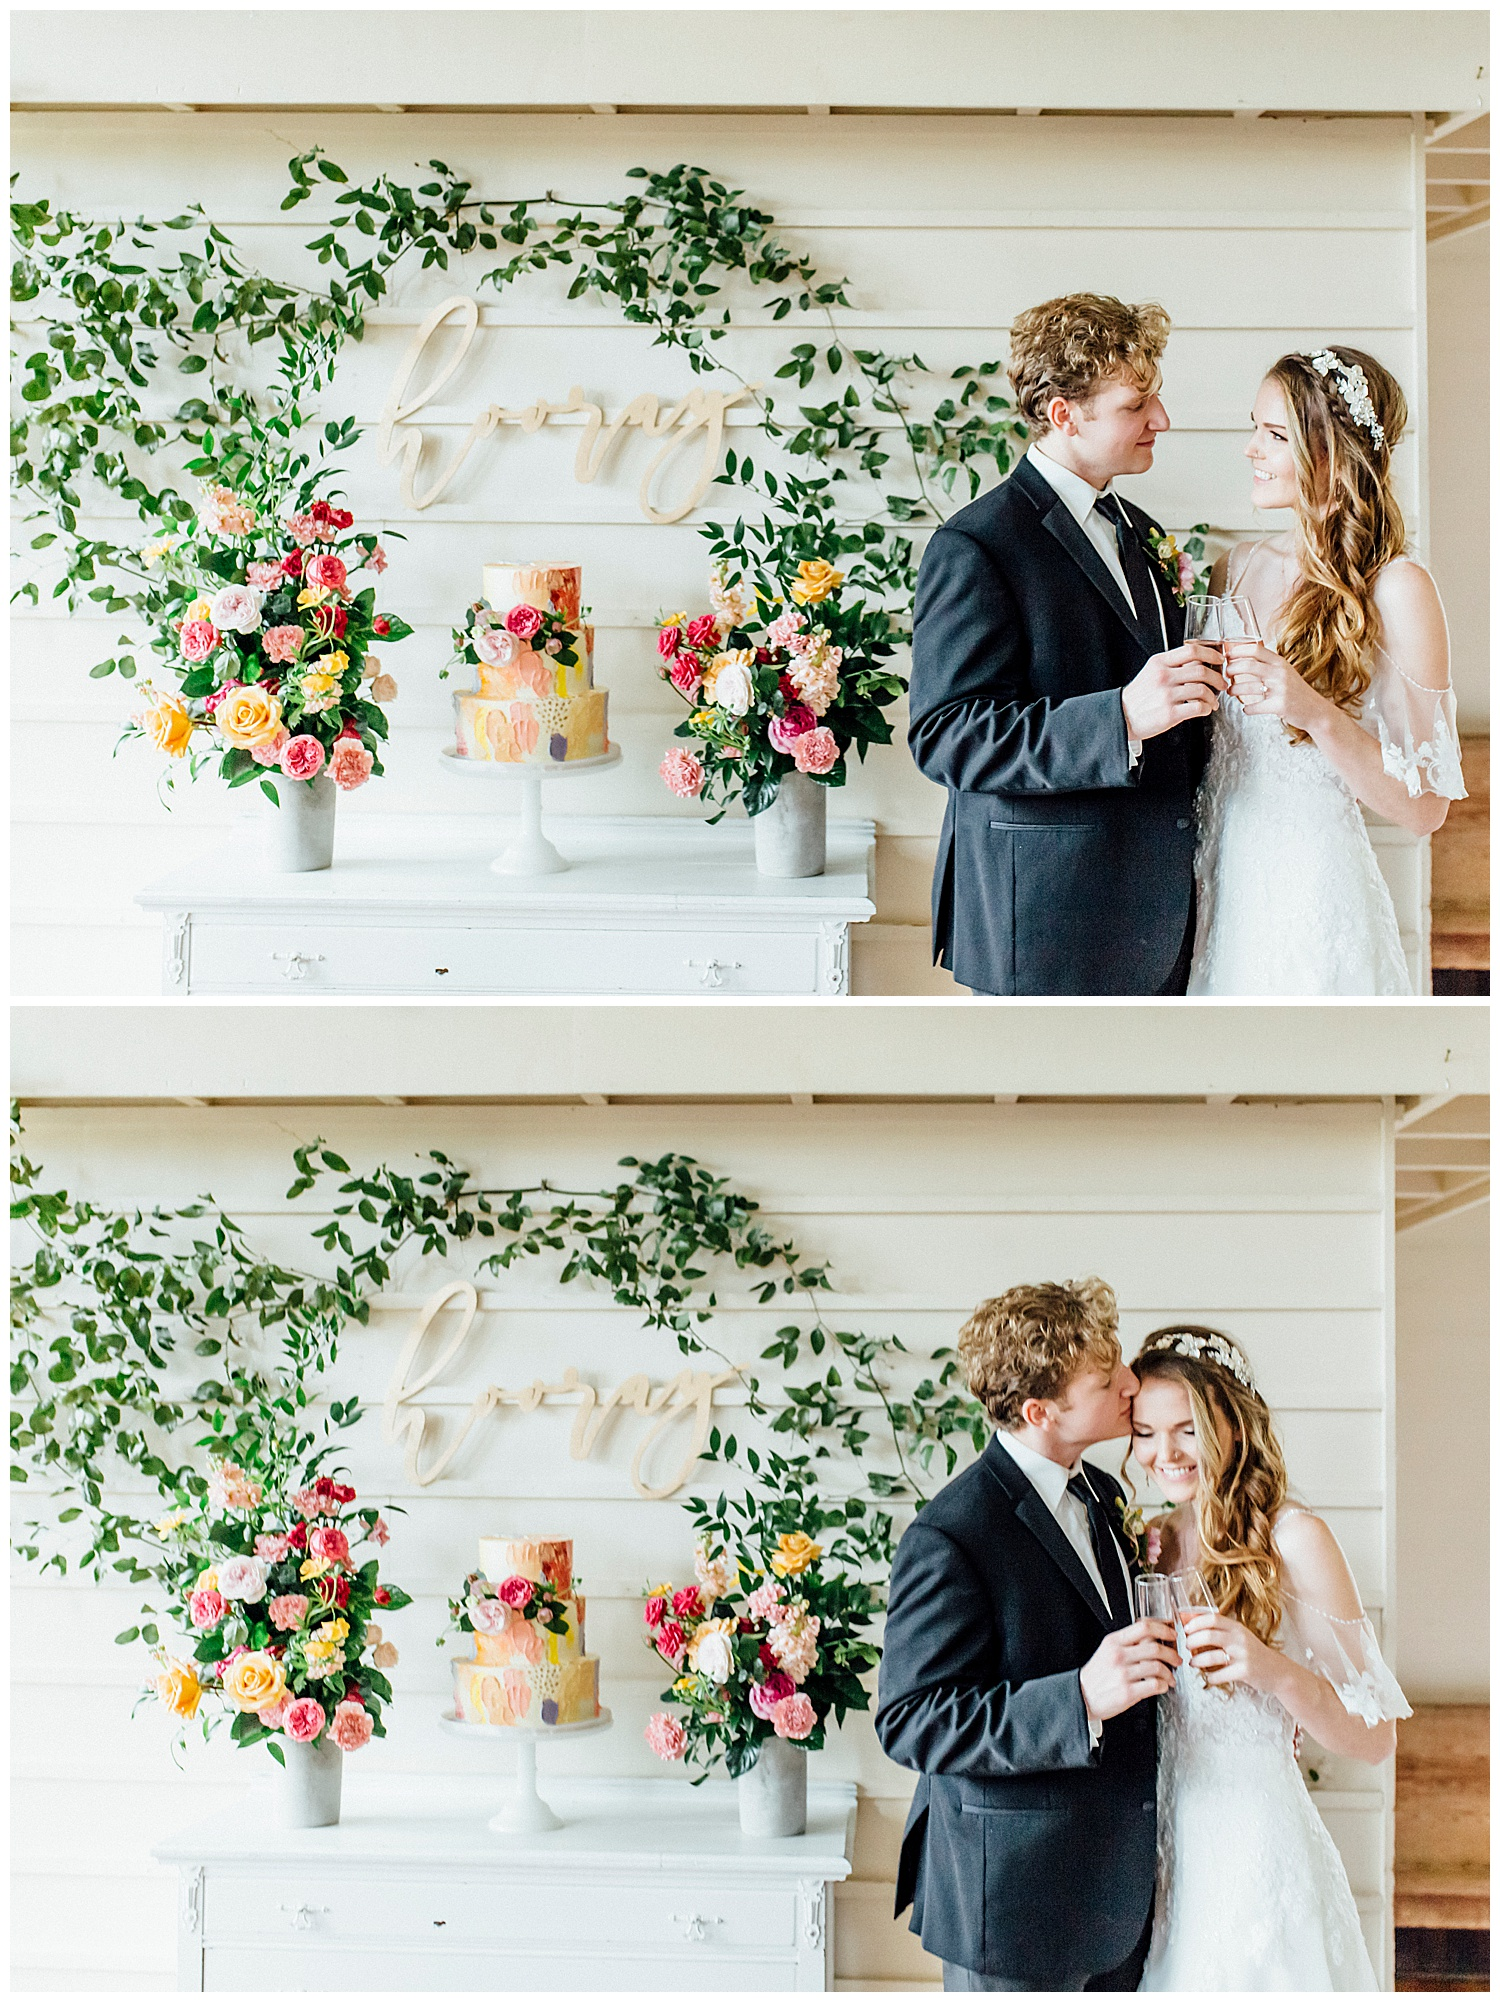 Ignite_and_Gather_Styled_Shoot_Eugene_Oregon_Cloverdale_Chapel_Wedding_0022.jpg